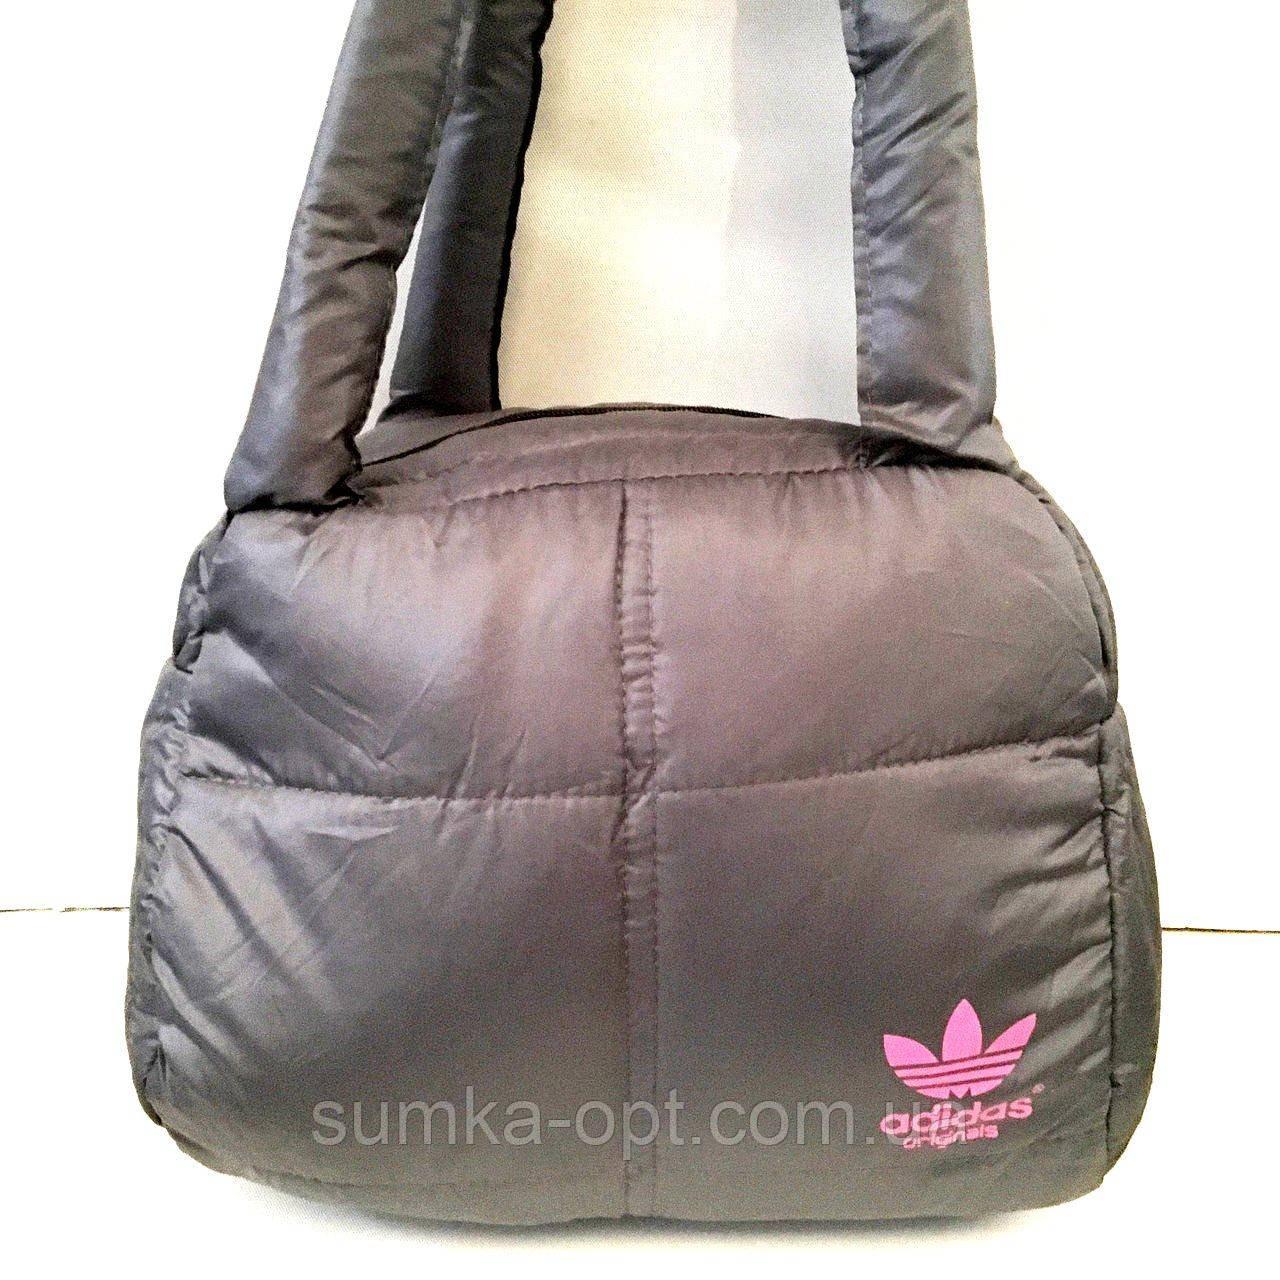 Дутые СПОРТИВНЫЕ сумки под пуховик Adidas МАЛ (СЕРЫЙ-РОЗОВЫЙ)25*28см